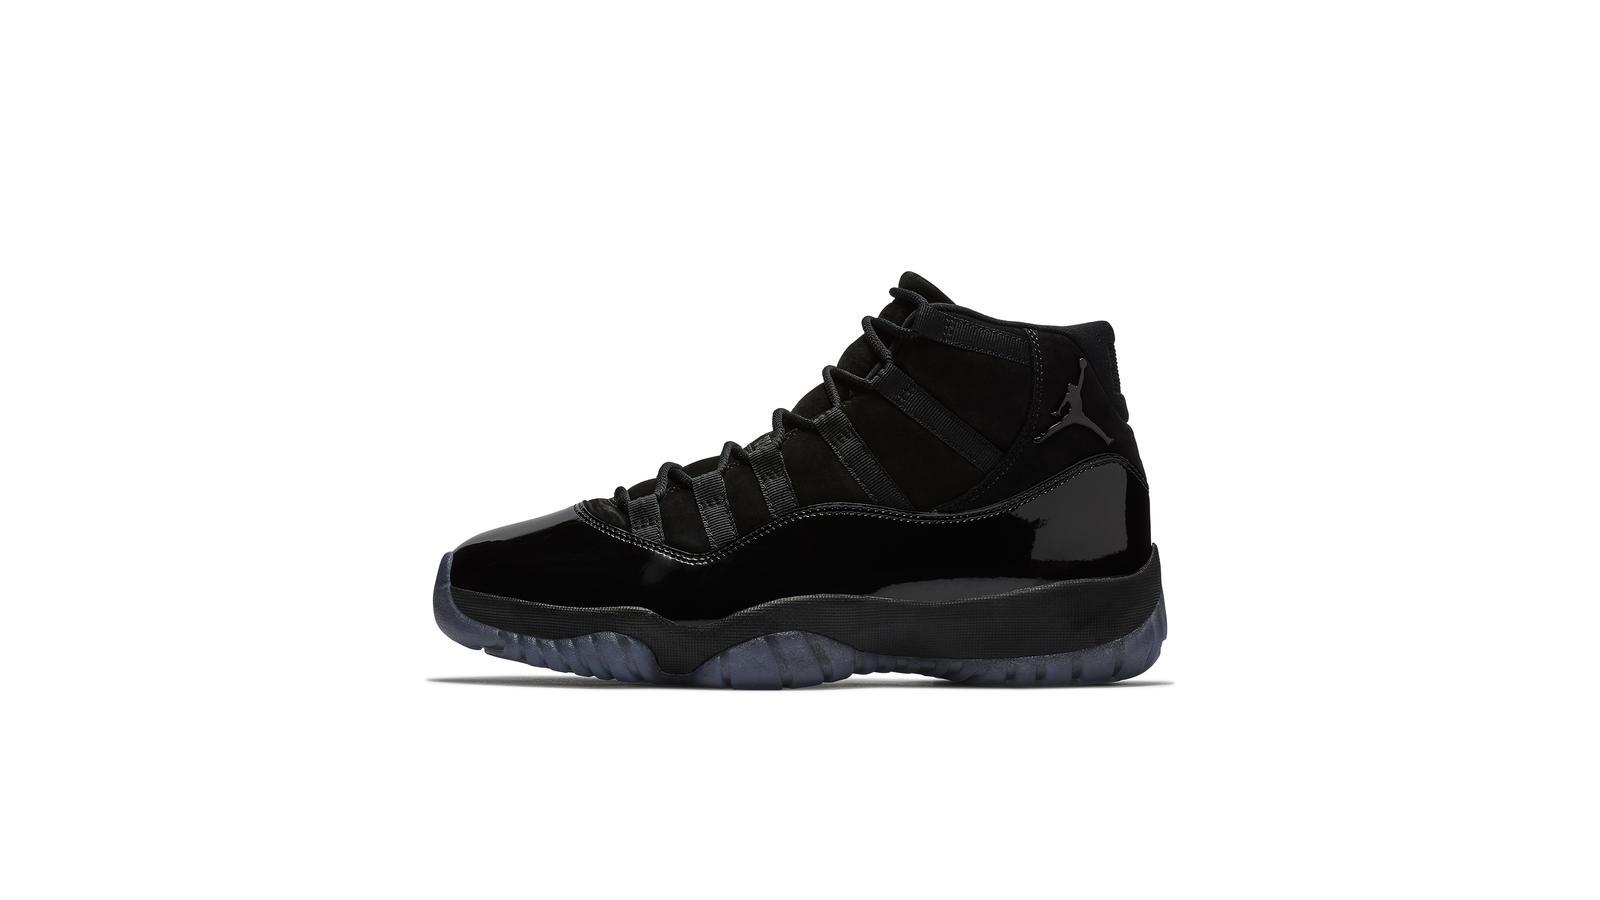 Air Jordan XI Cap and Gown - Nike News